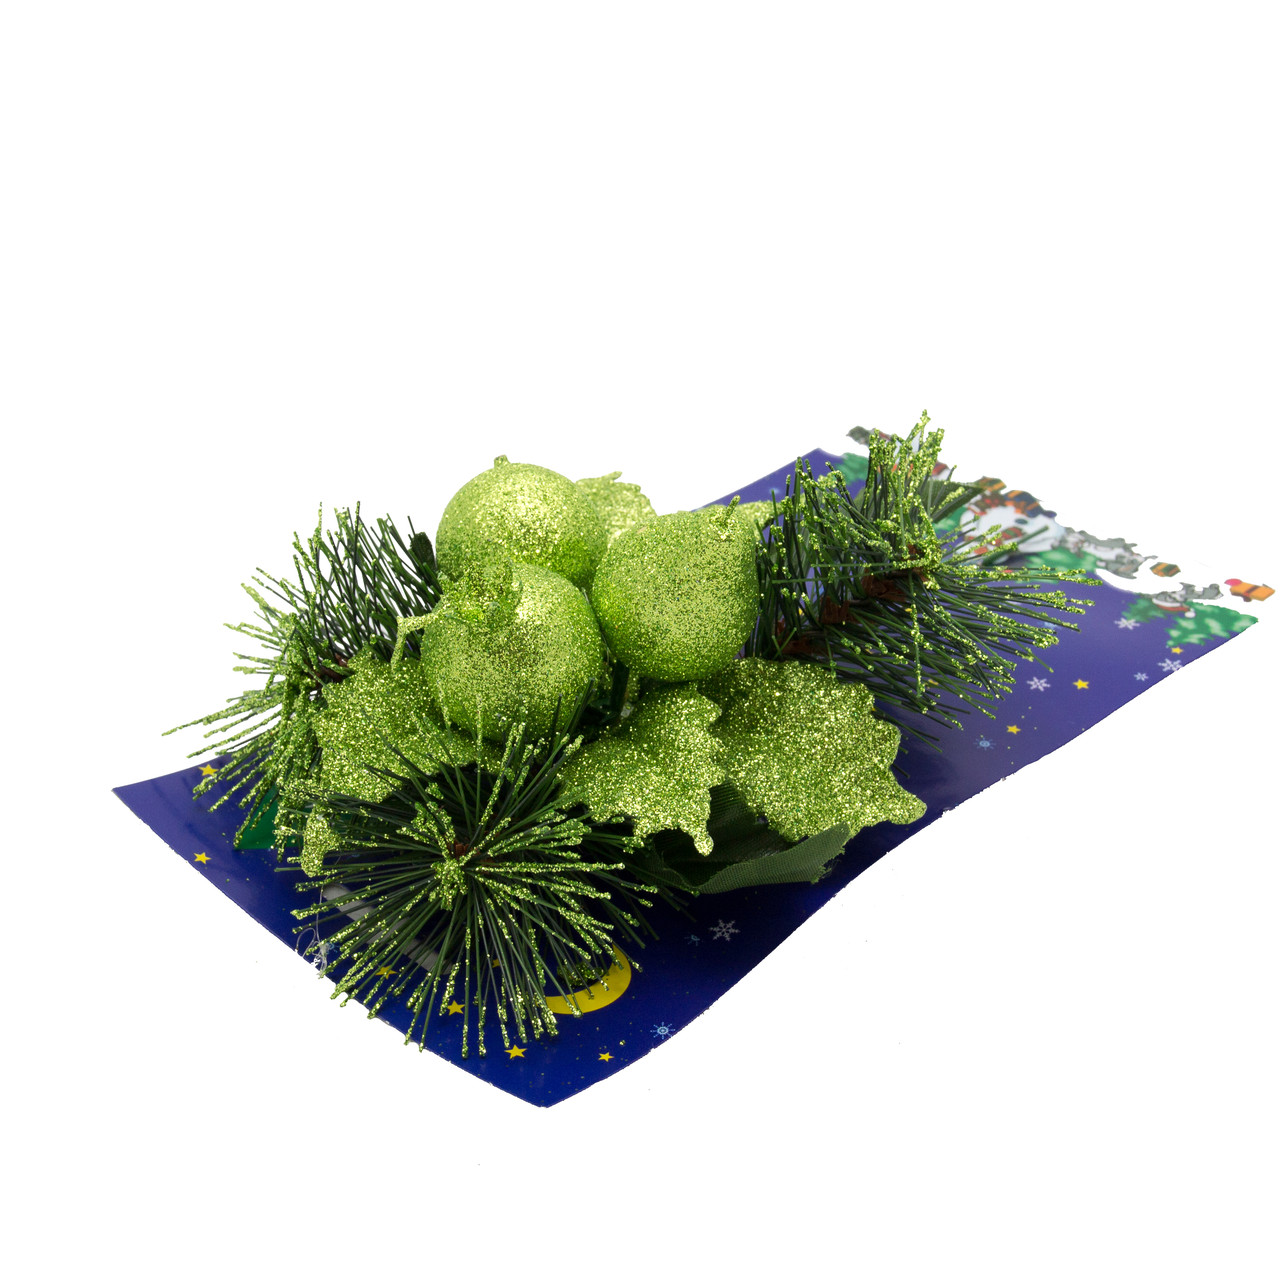 Хвойная декоративная веточка с ягодами, 18 см (470648)